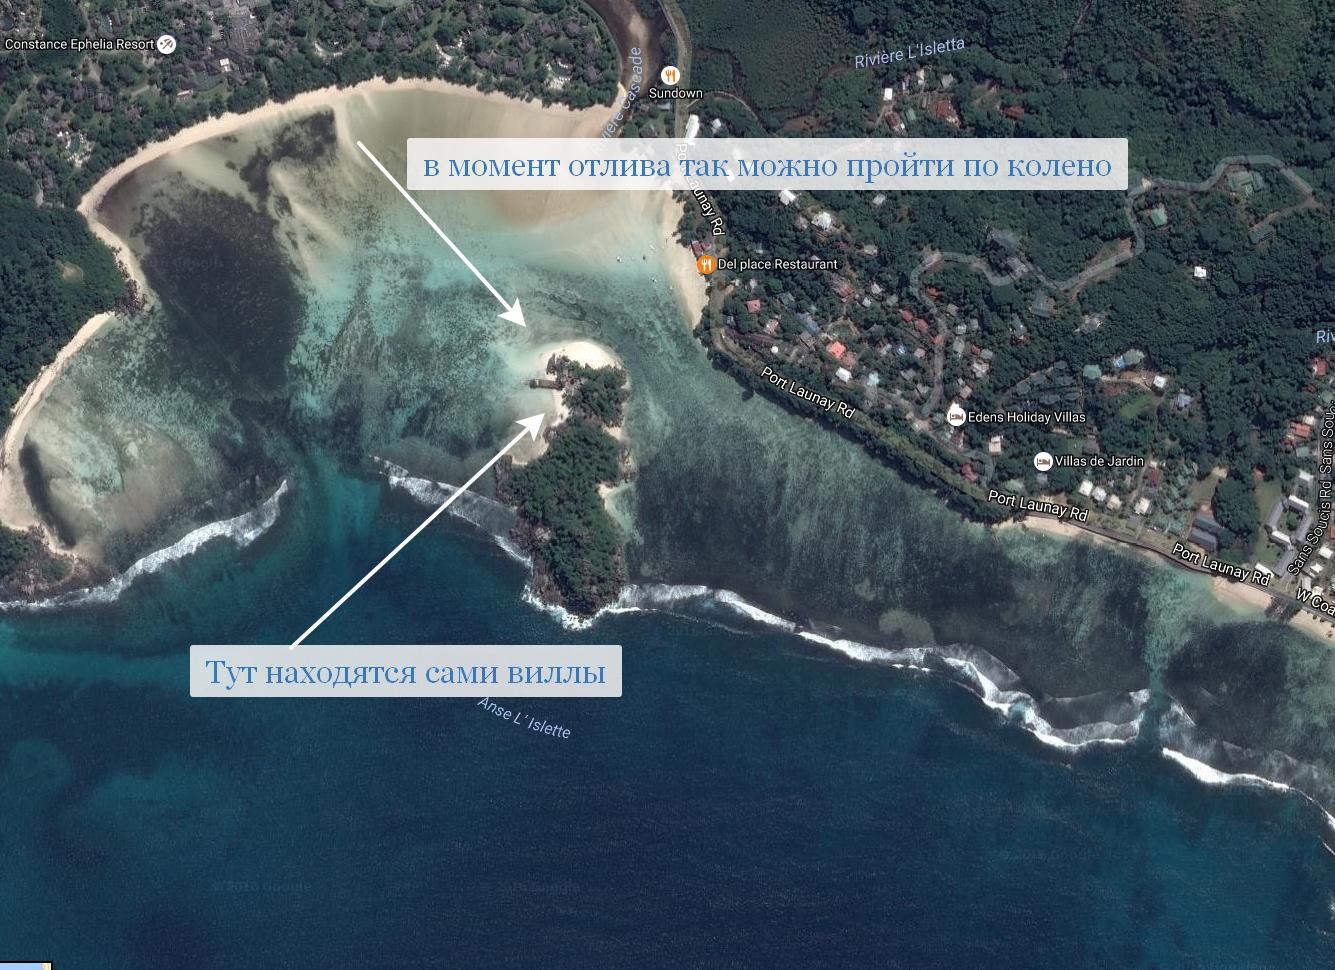 дома-2 на сейшельских островах фото